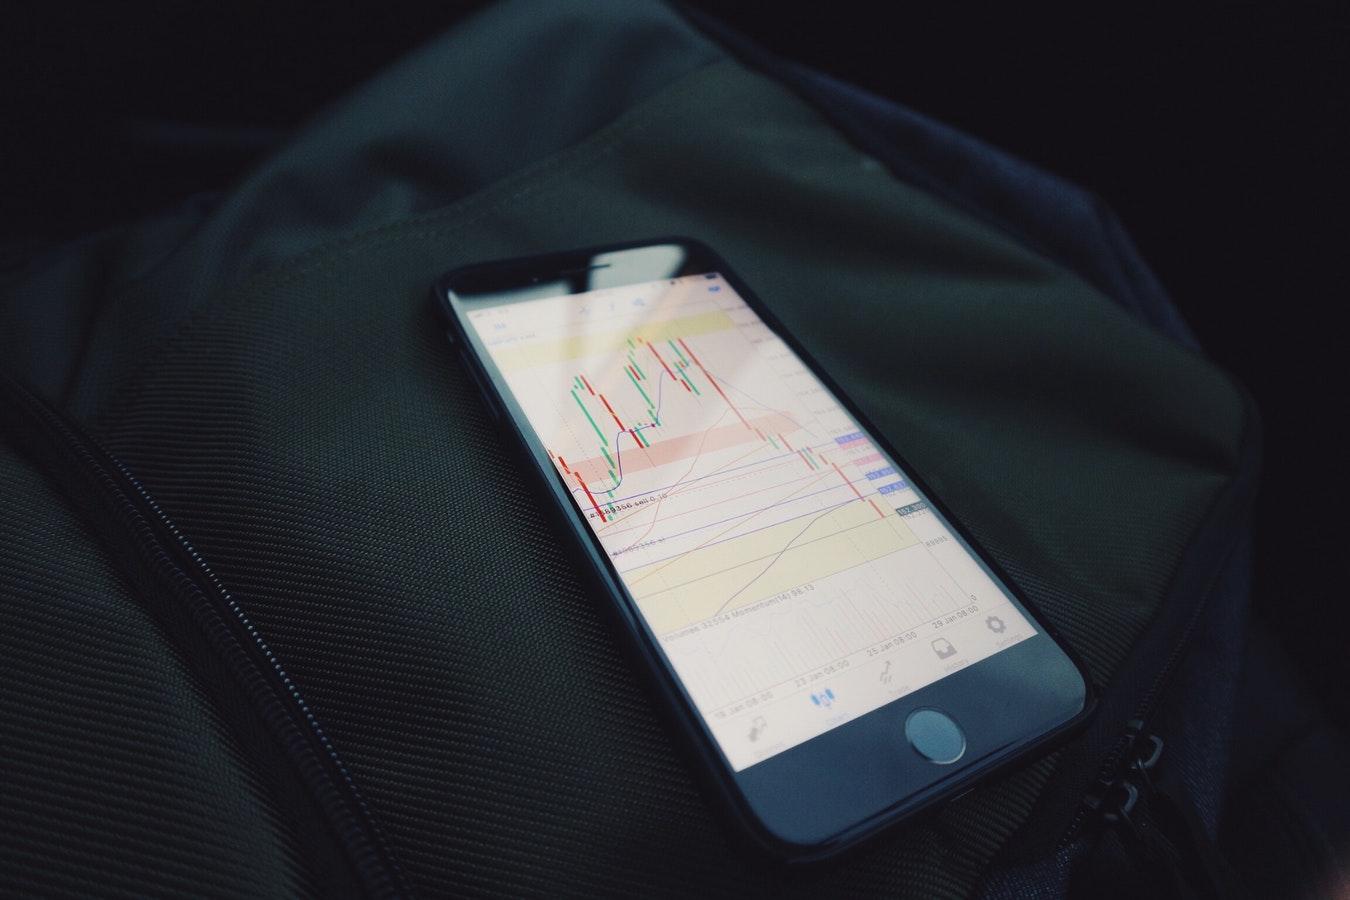 Штутгартская биржа запустила приложение для торговли криптовалютой